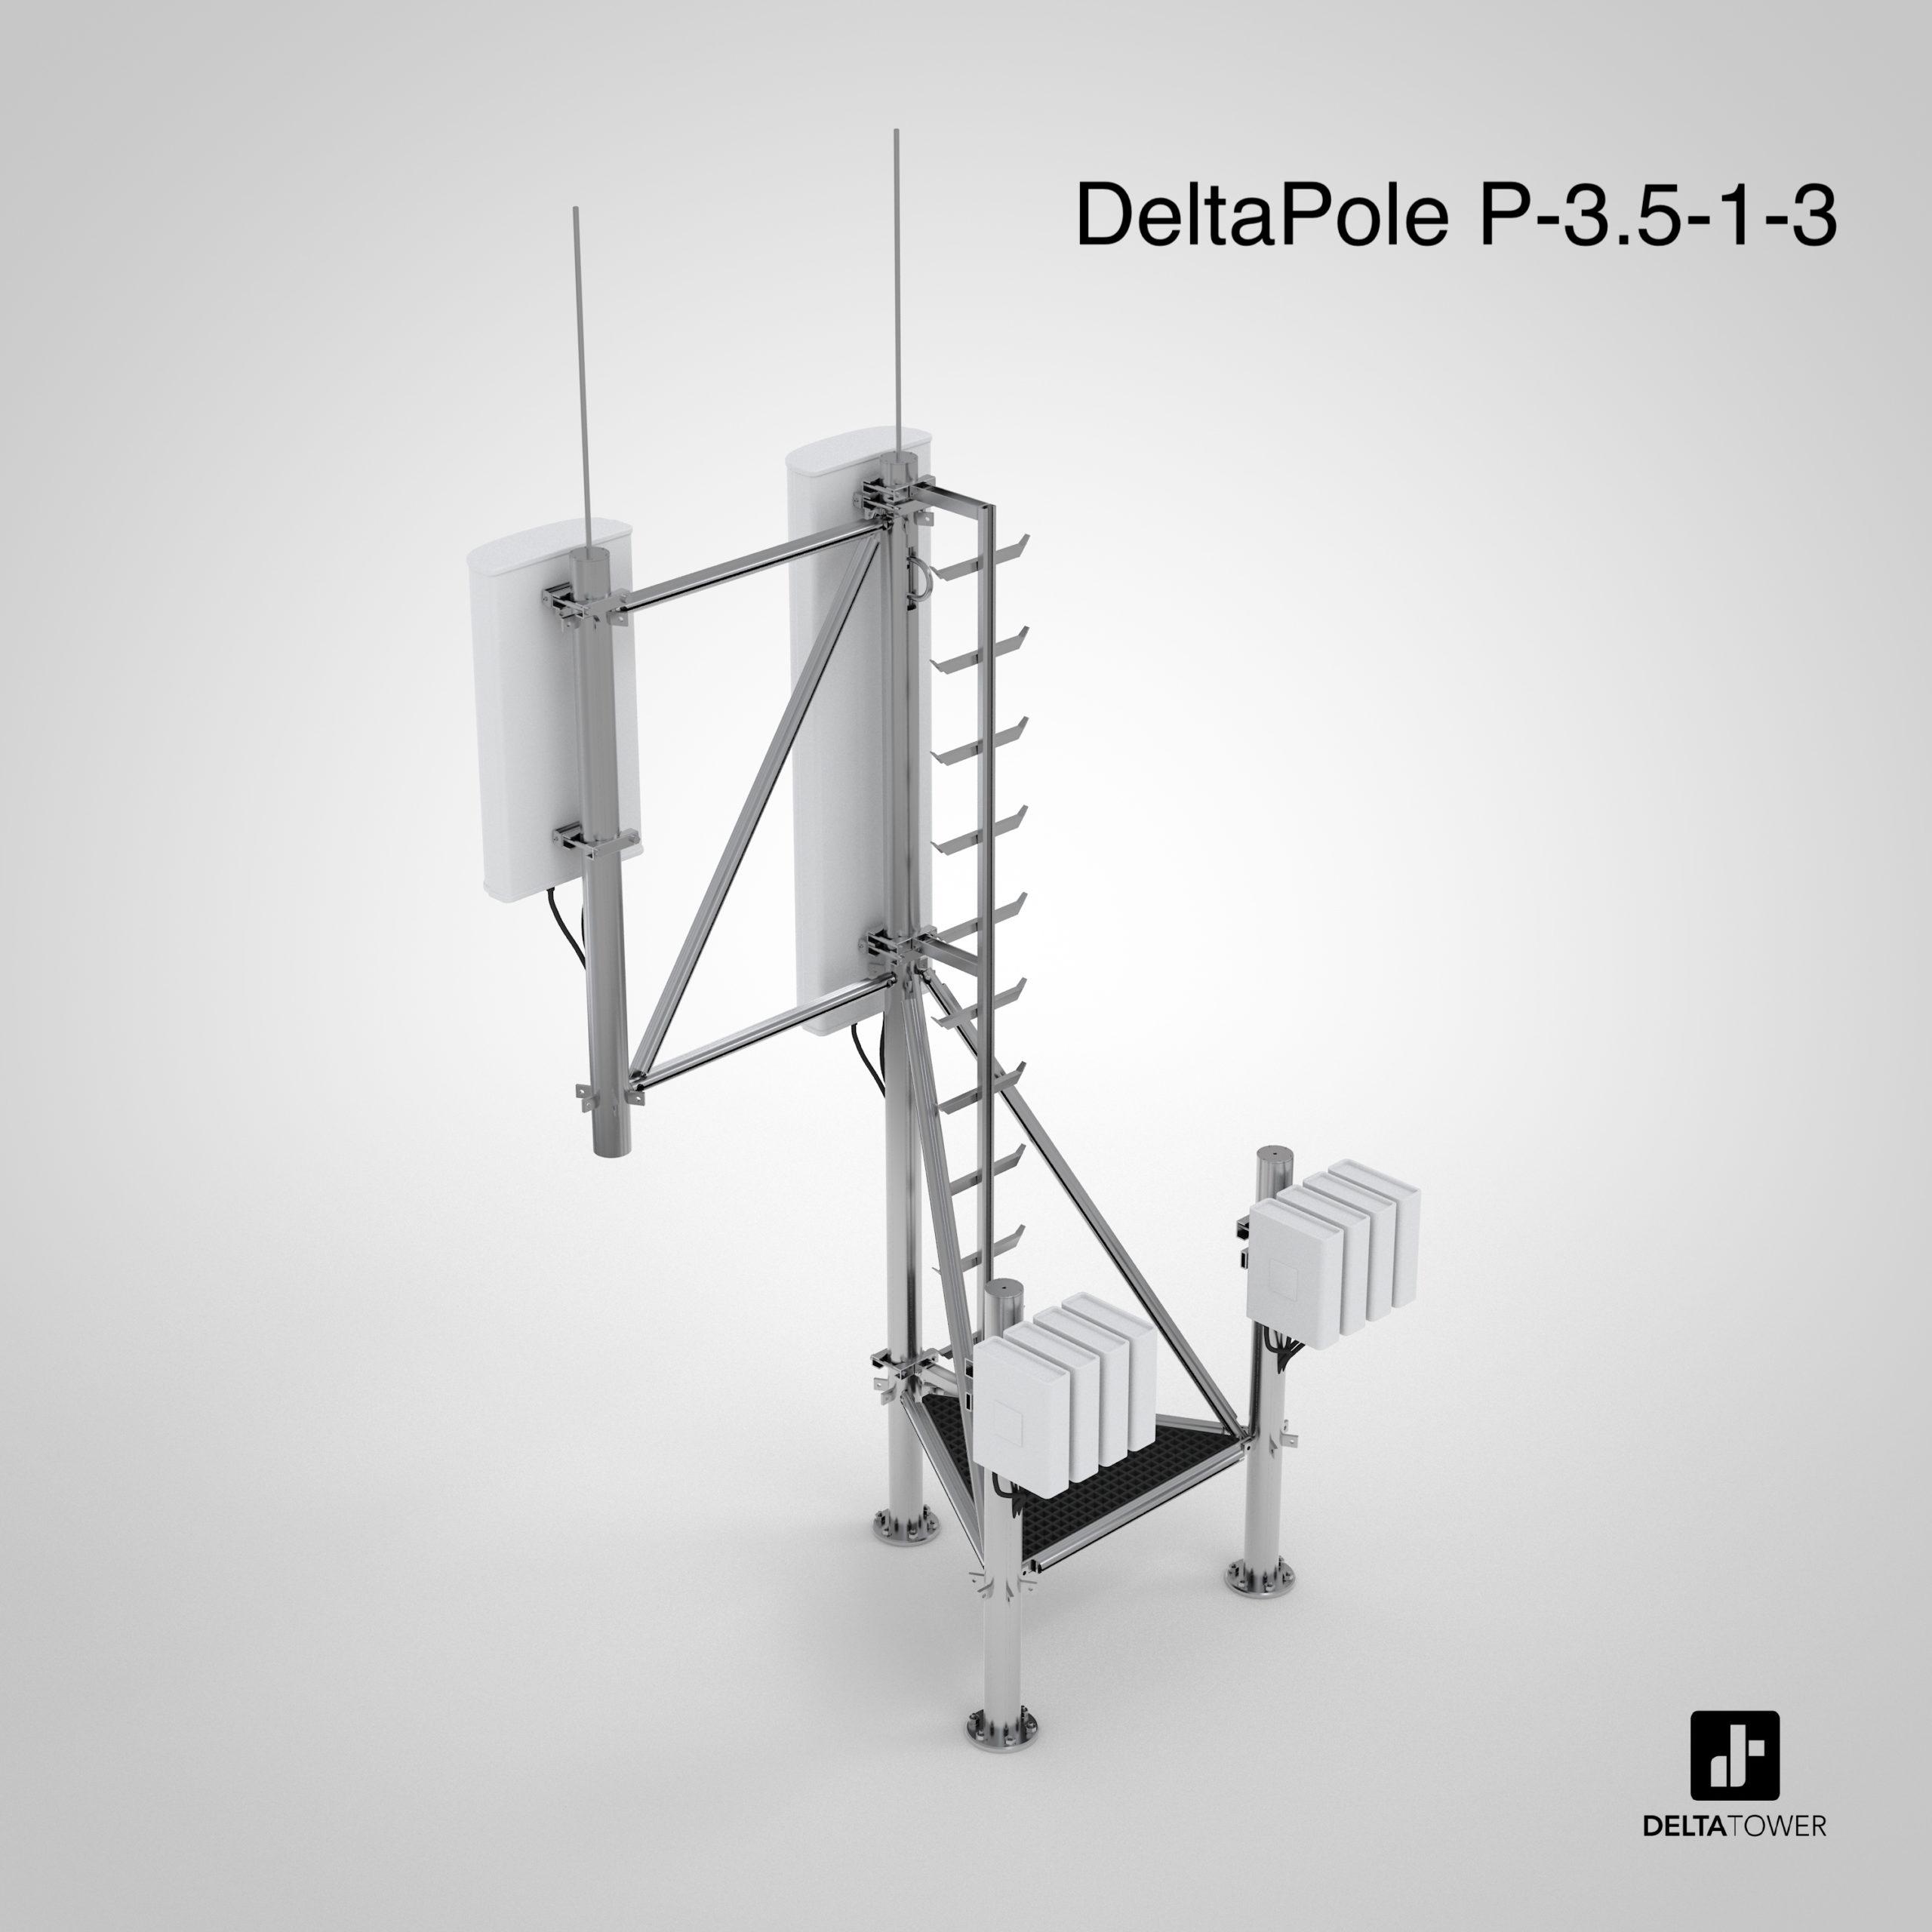 DeltaPole P-3.5-1-3